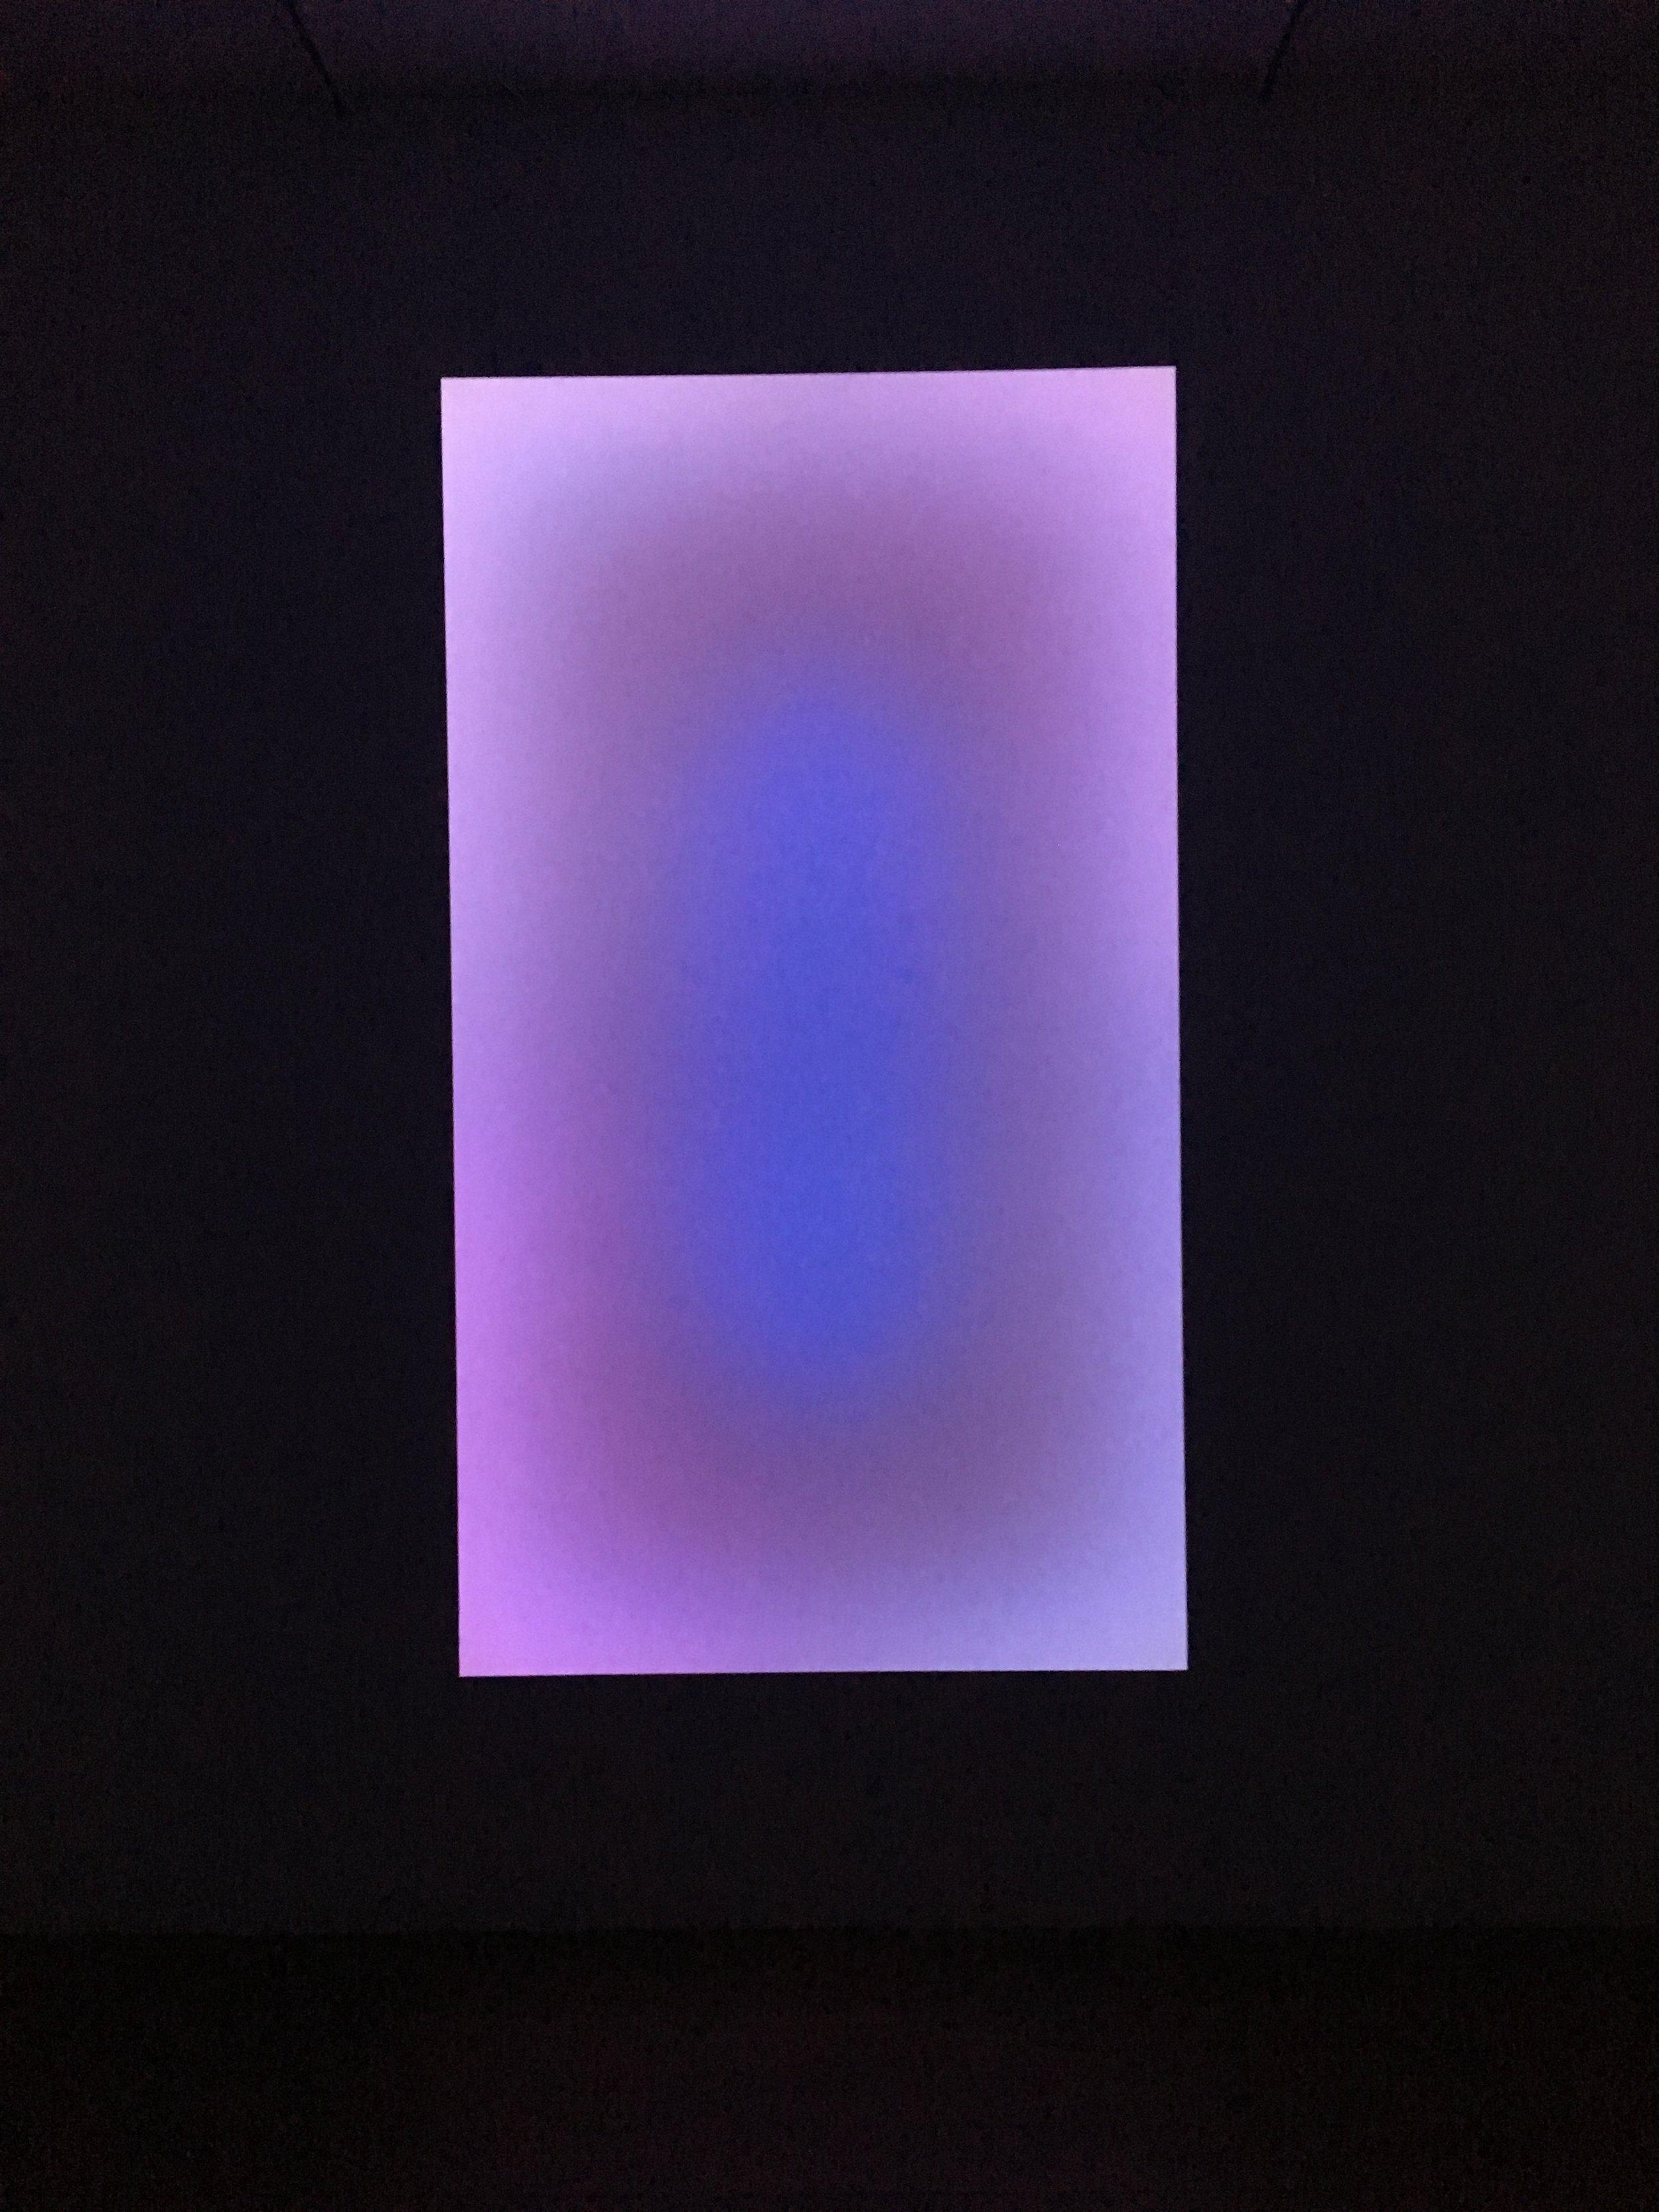 James Turrel, Tall Glass, 2012